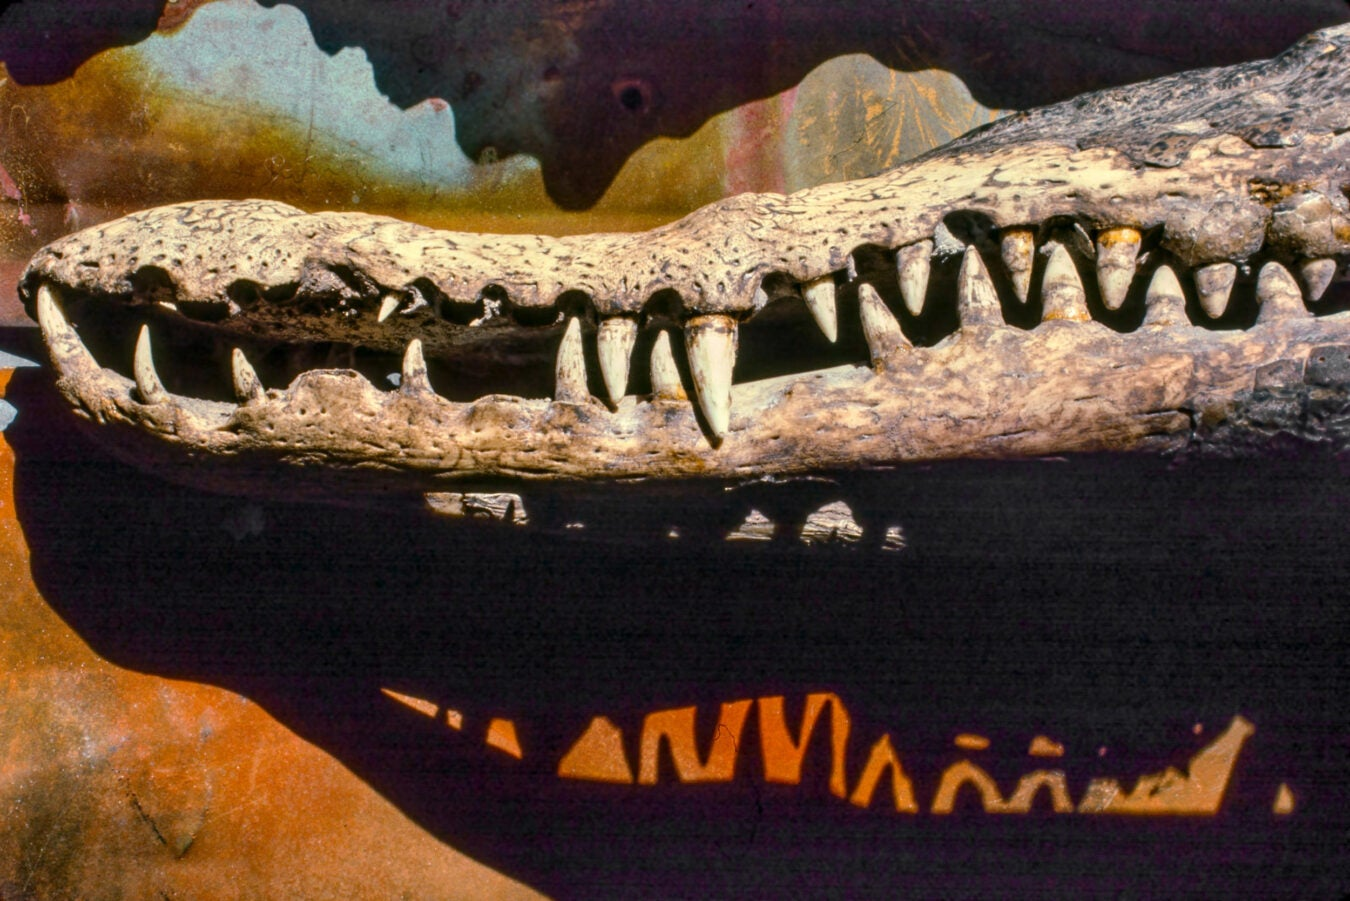 Crocodile jaw and shadow of its teeth.